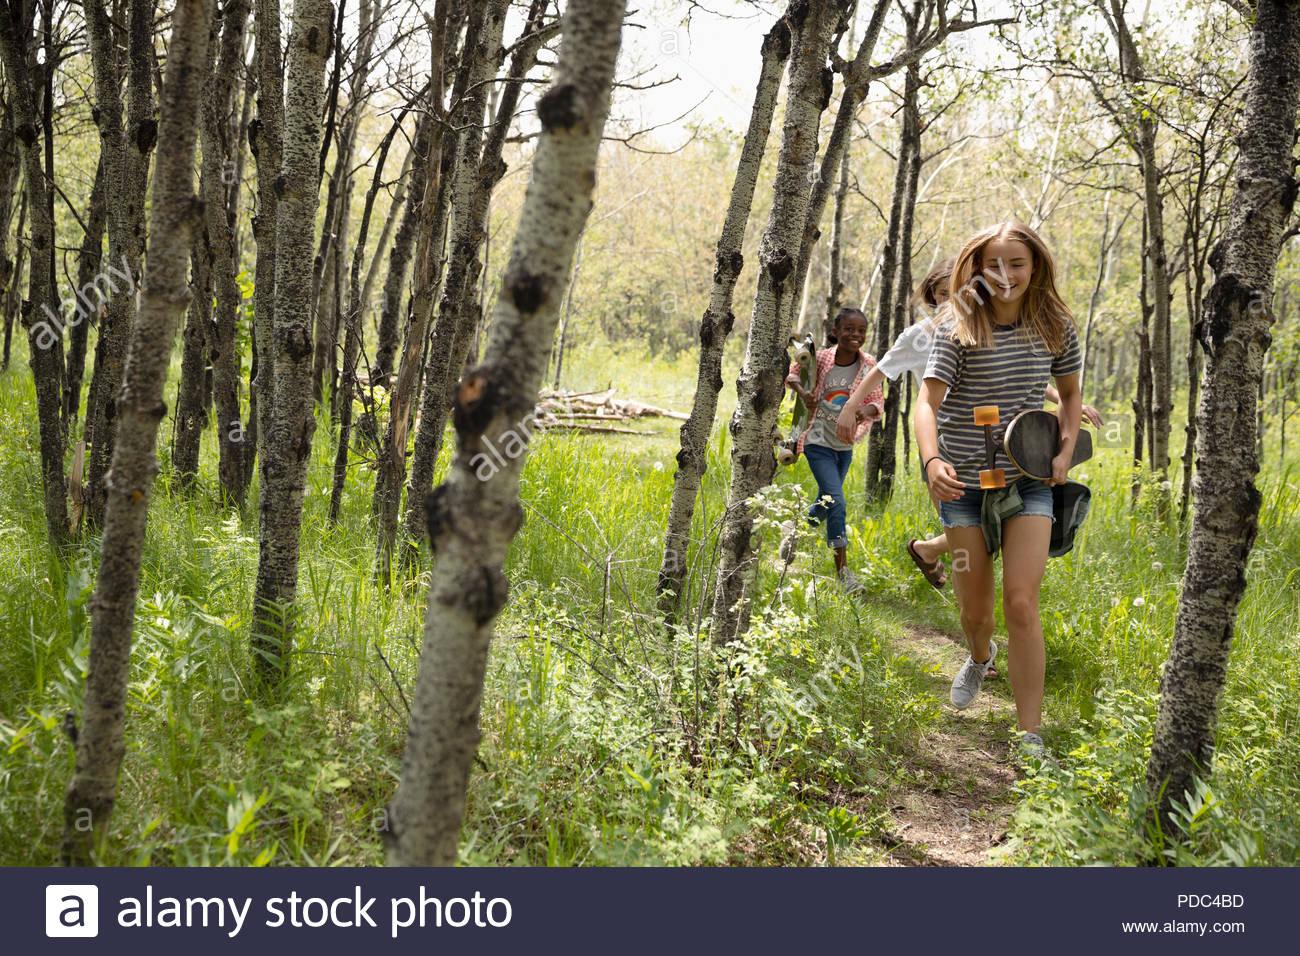 Tween girl friends running in sunny woods - Stock Image